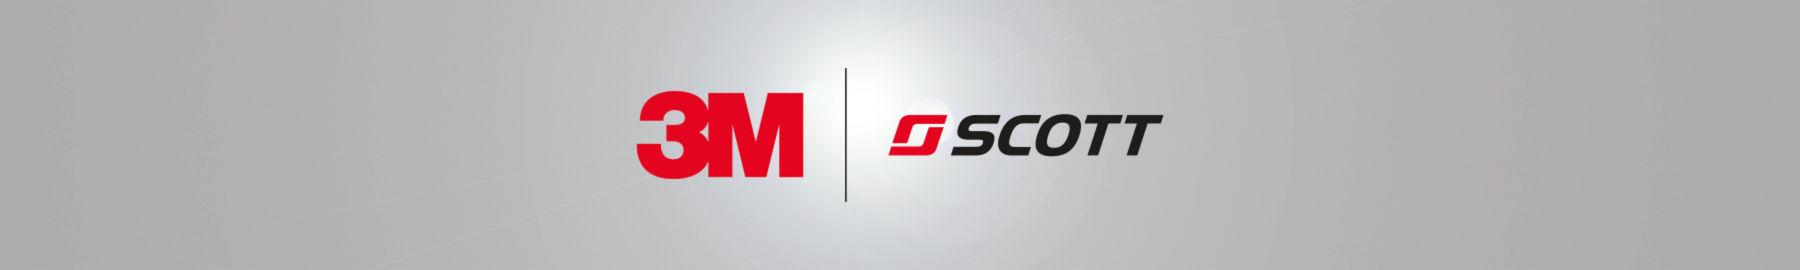 3M SCOTT